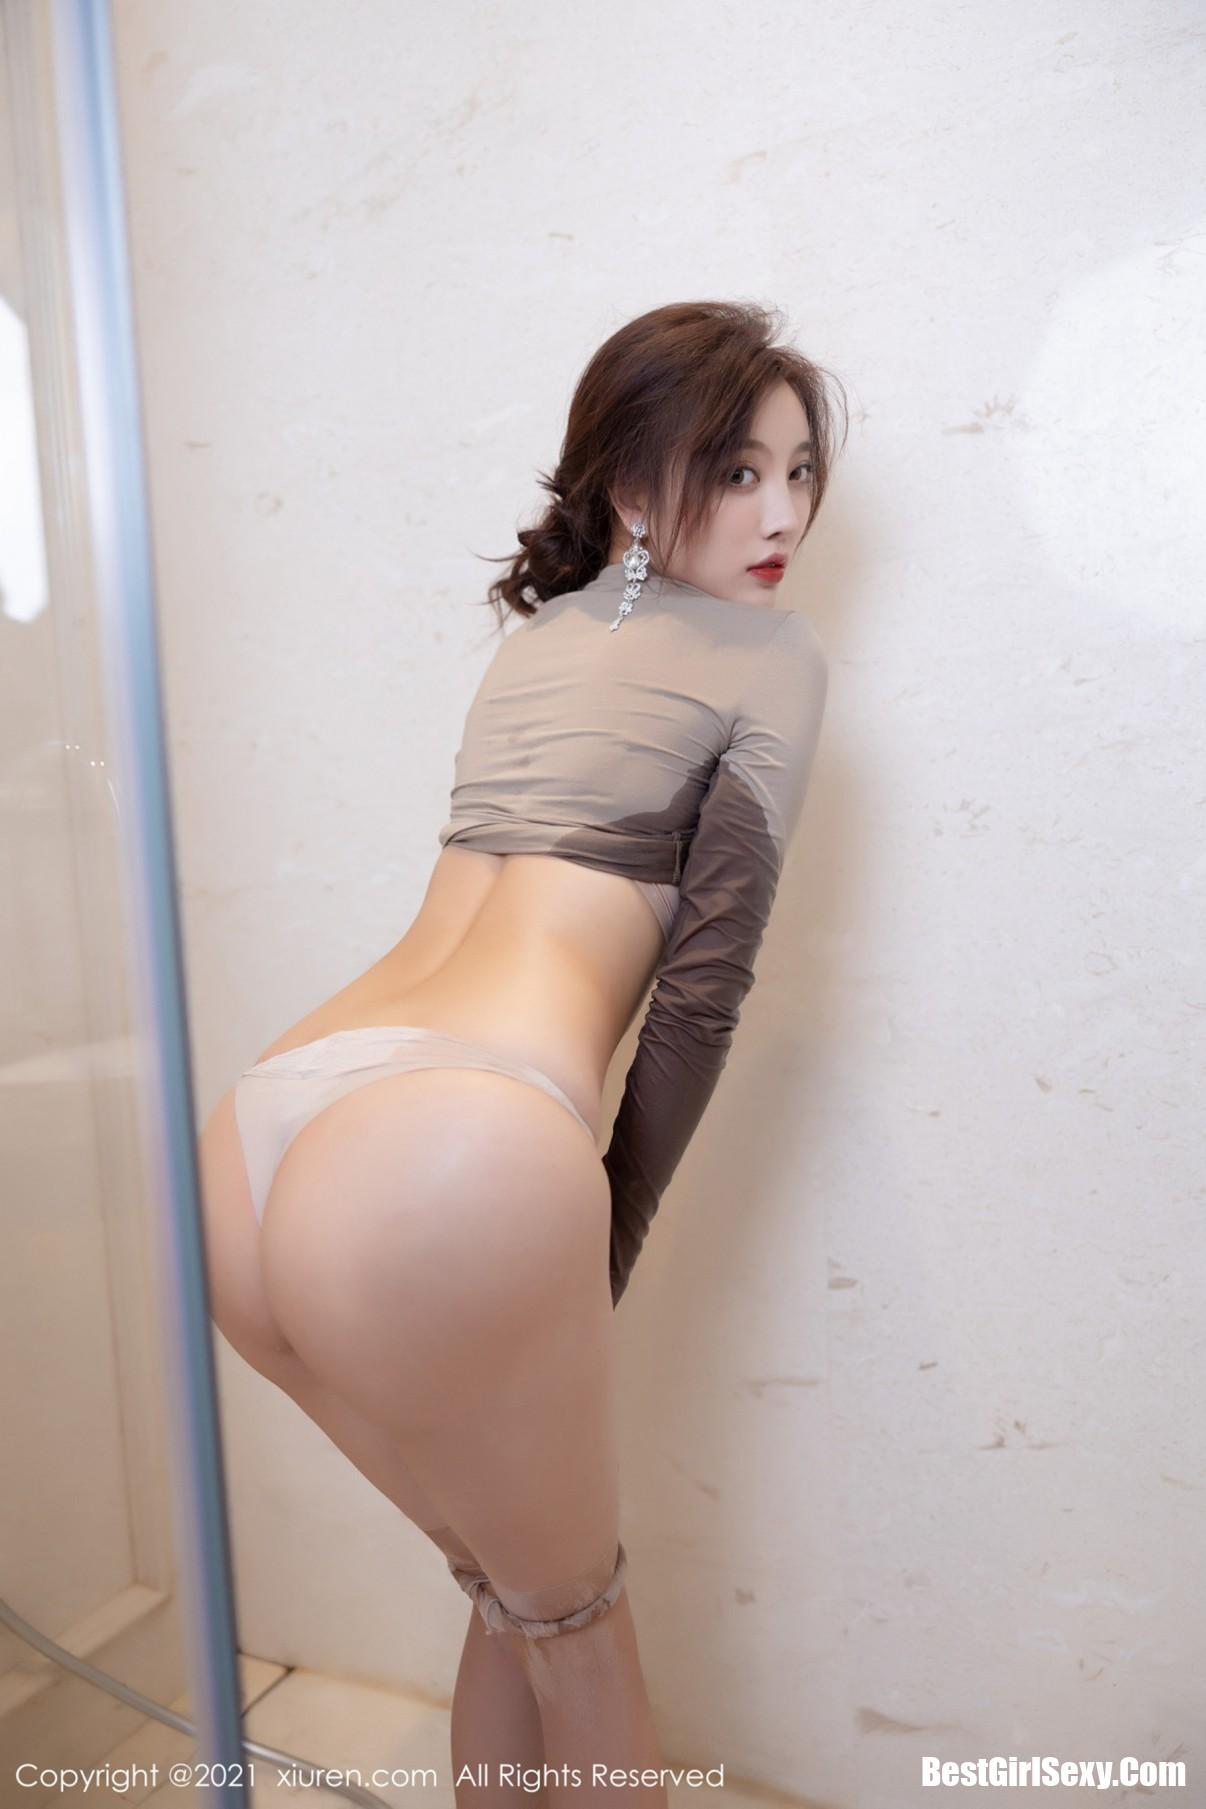 杨晨晨Yome, Yang Chen Chen, XiuRen秀人网 No.3429 Yang Chen Chen, XiuRen秀人网 No.3429